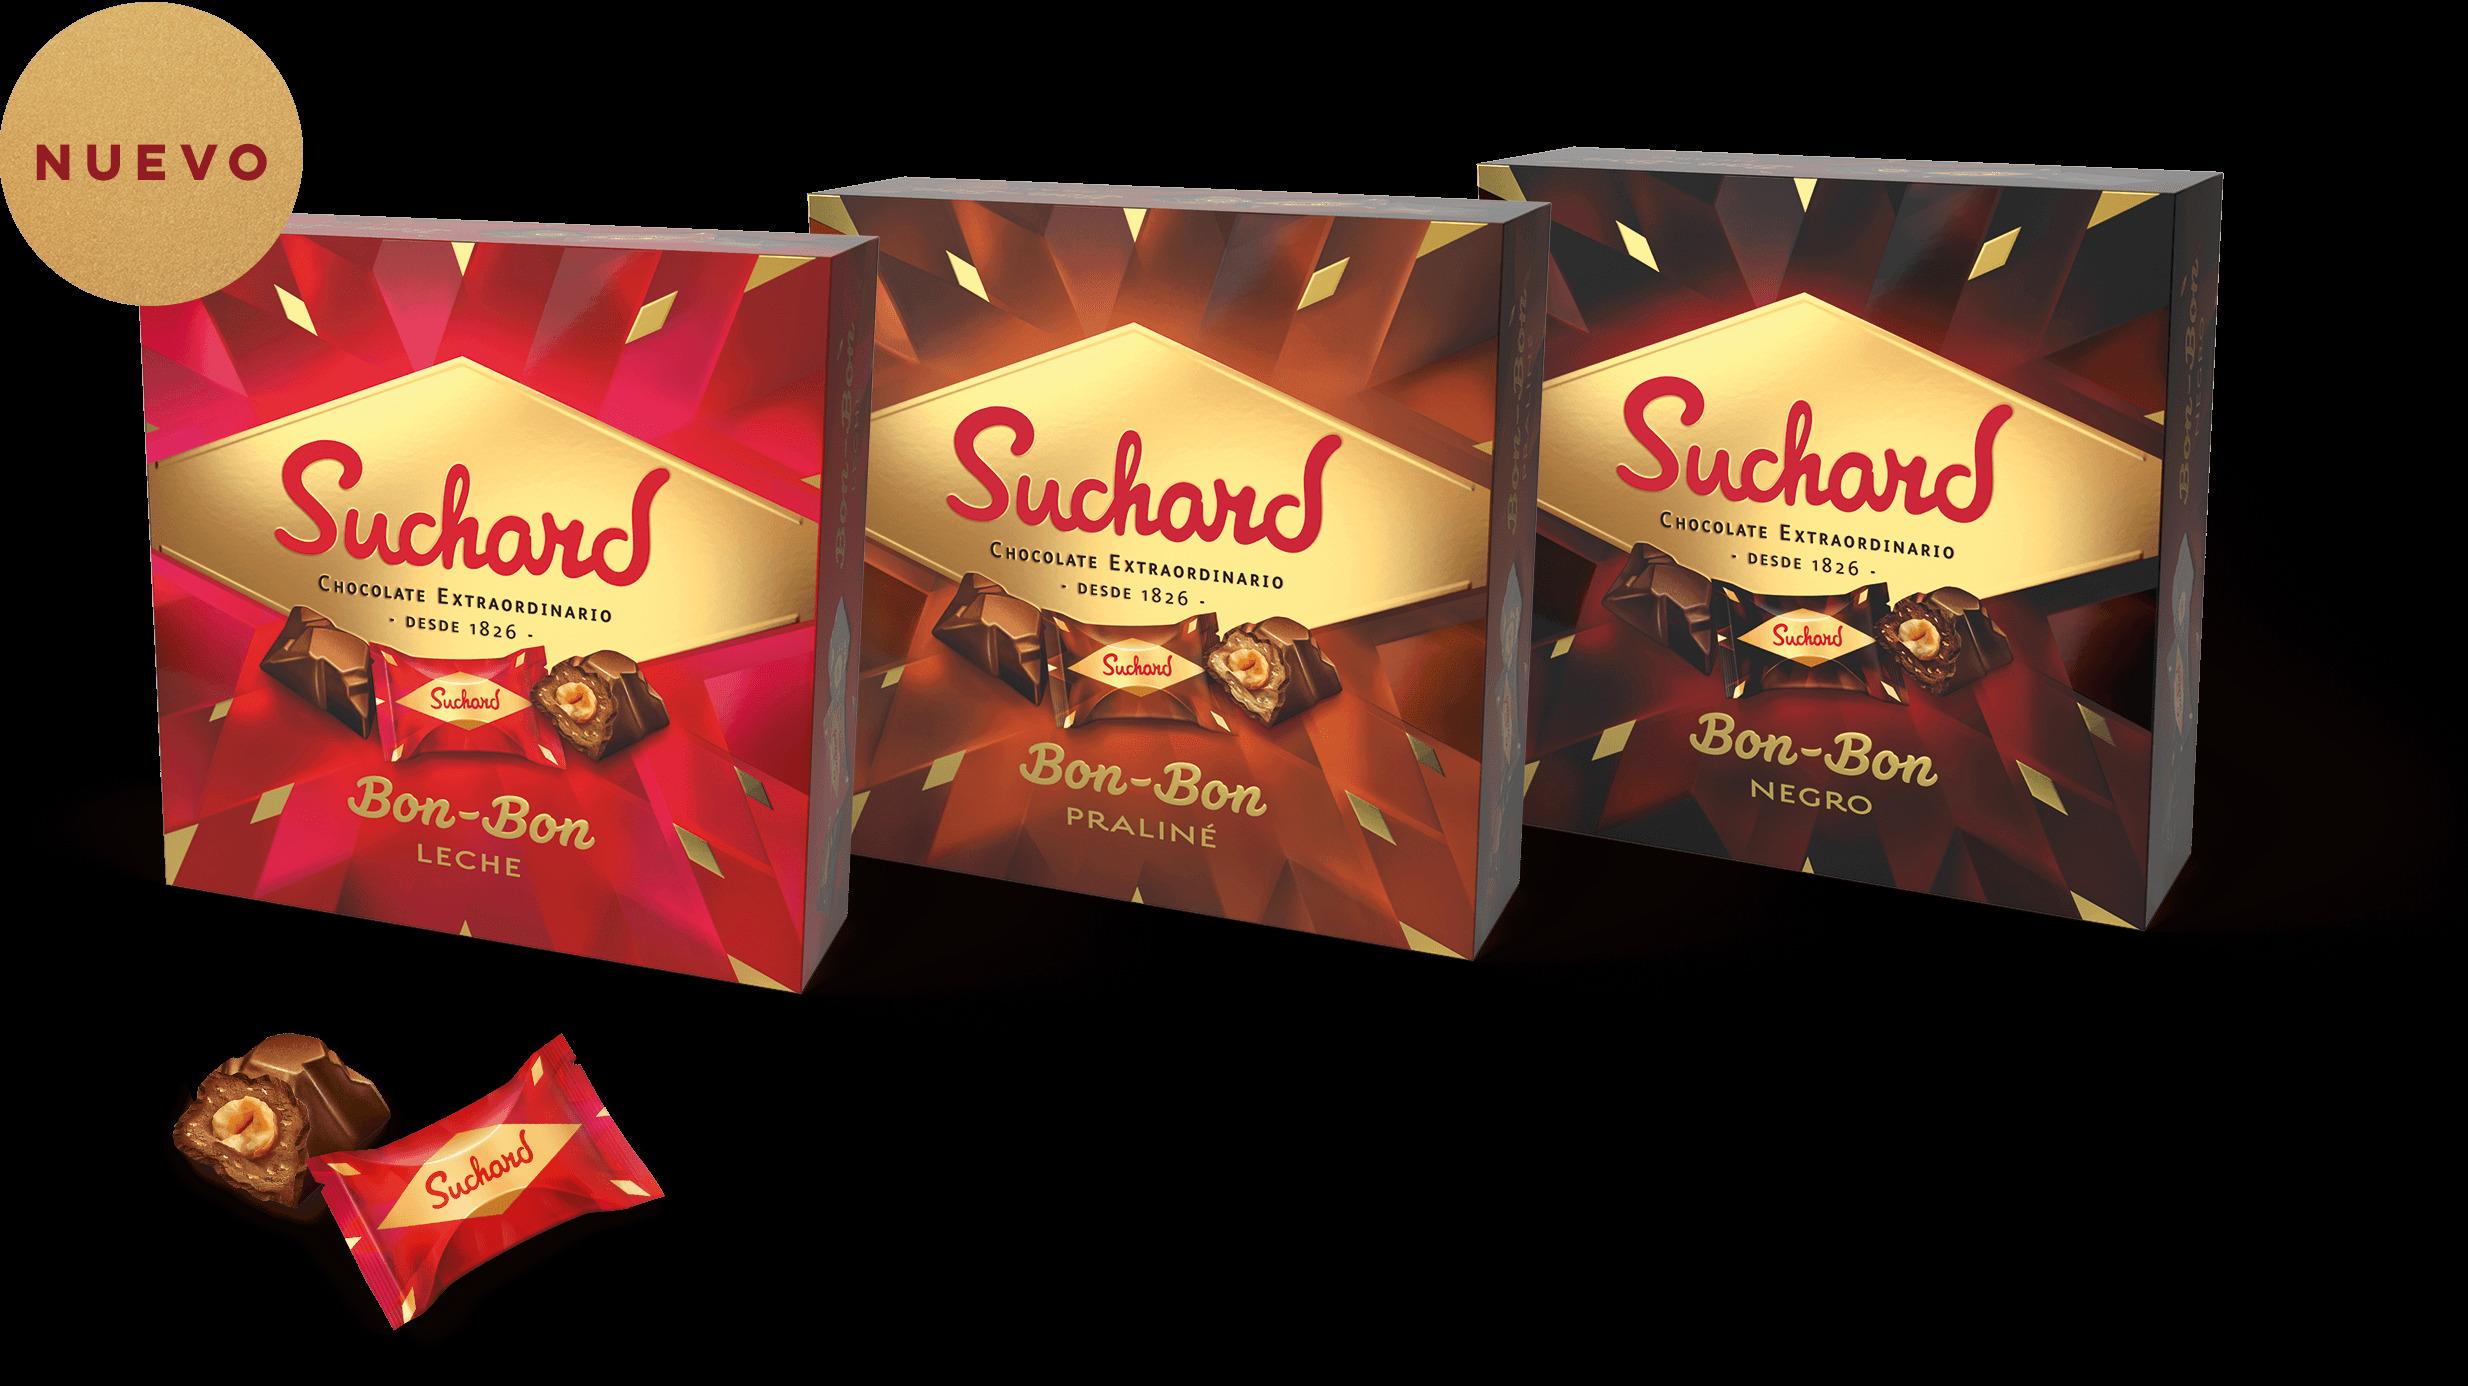 suchard-bon-bon-packshot